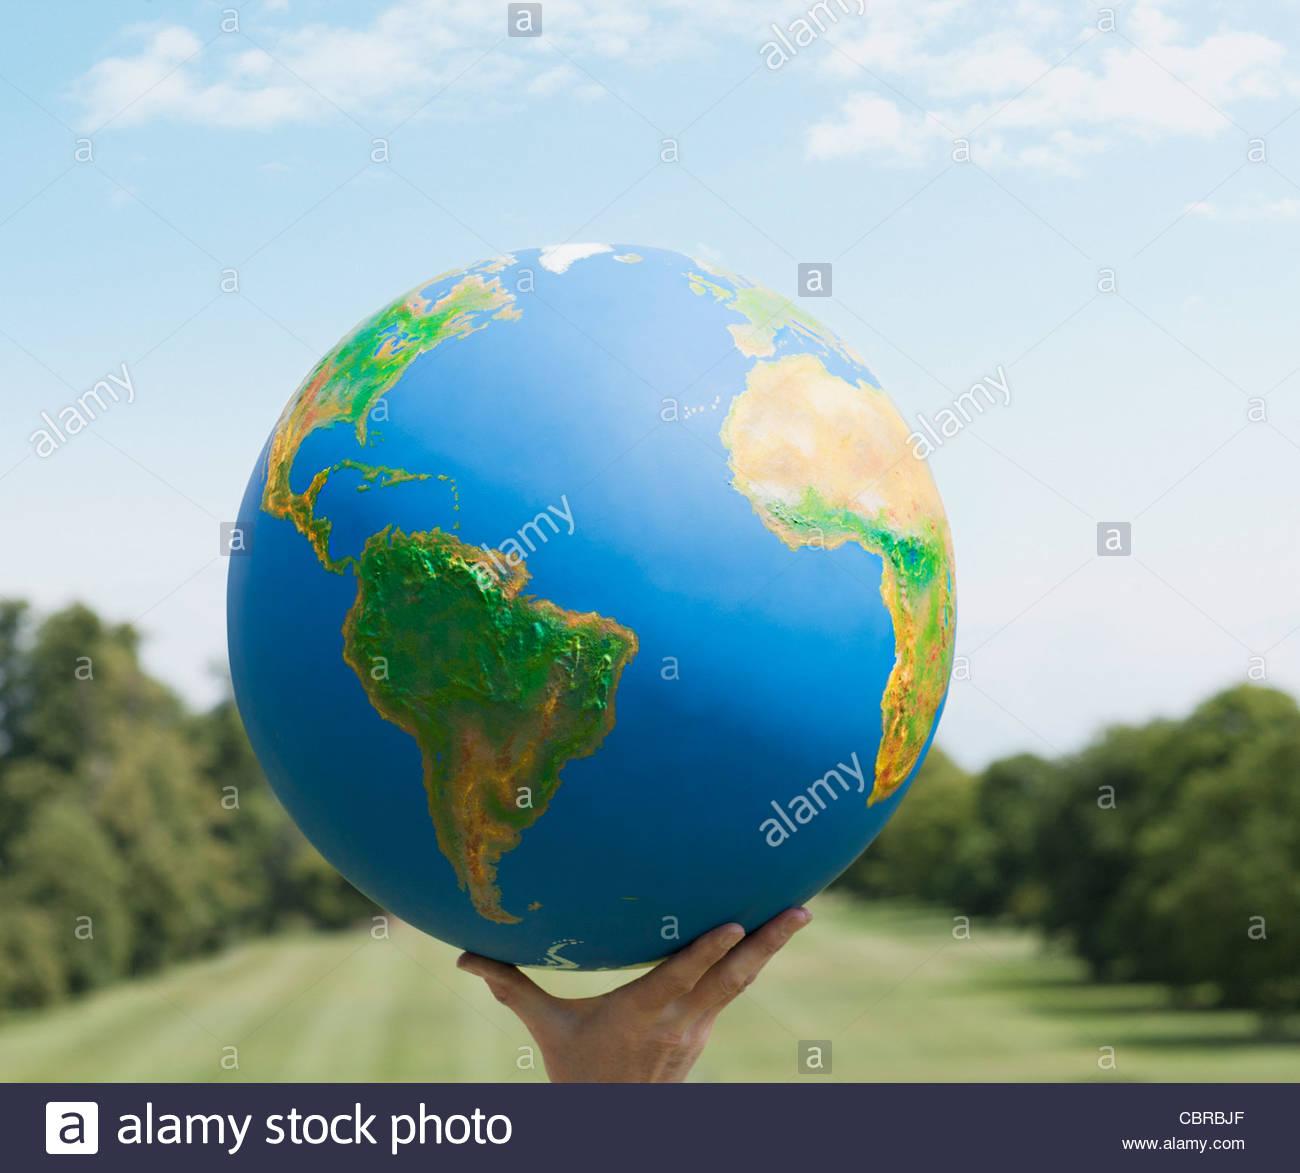 Hand holding large globe outdoors - Stock Image